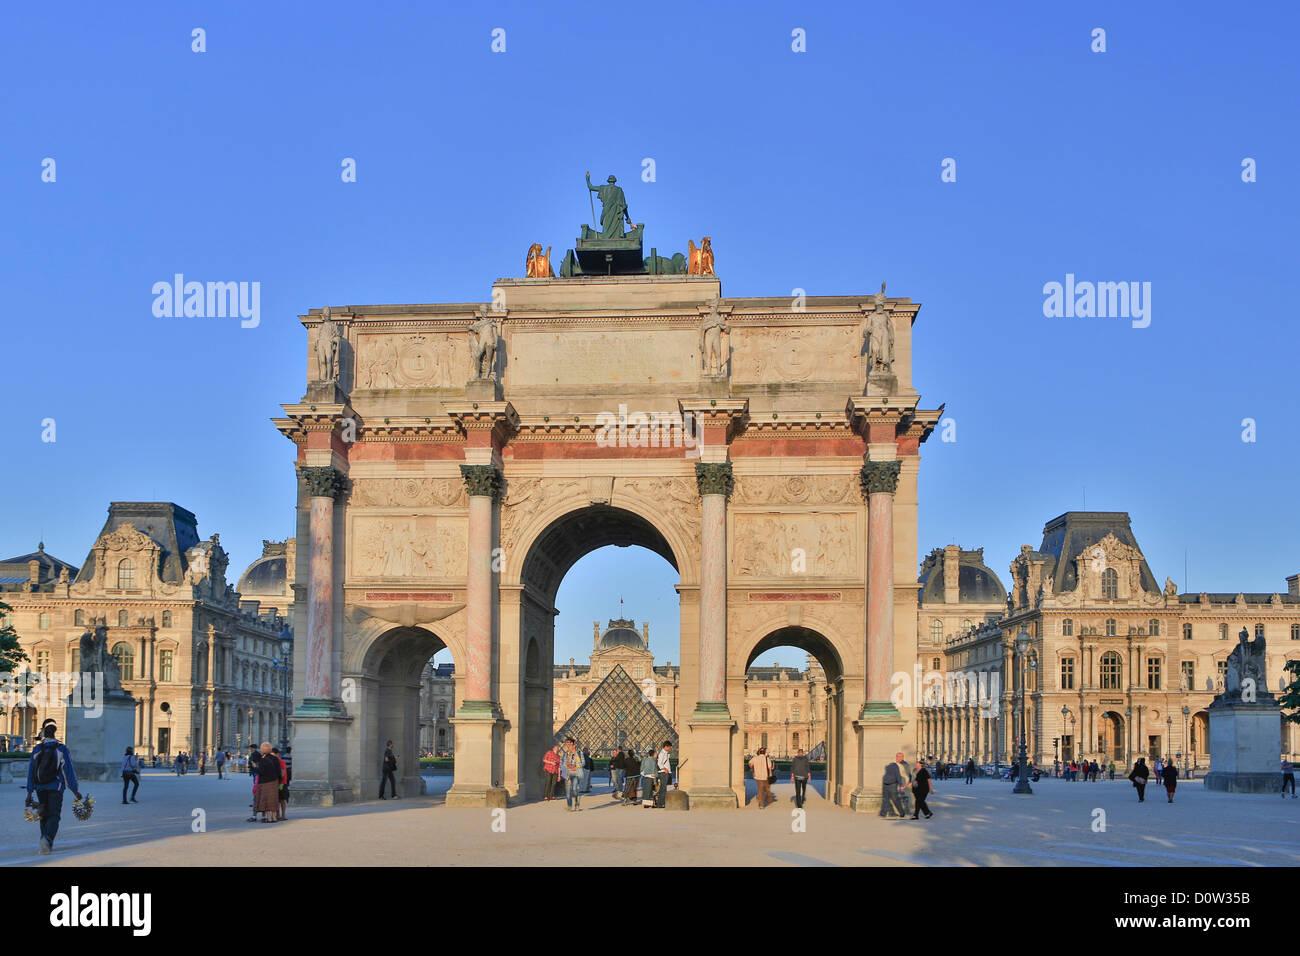 France, Europe, travel, Paris, City, Carrousel, Arc, Louvre, Museum, arch, architecture, art, artistic, gate, monument, - Stock Image